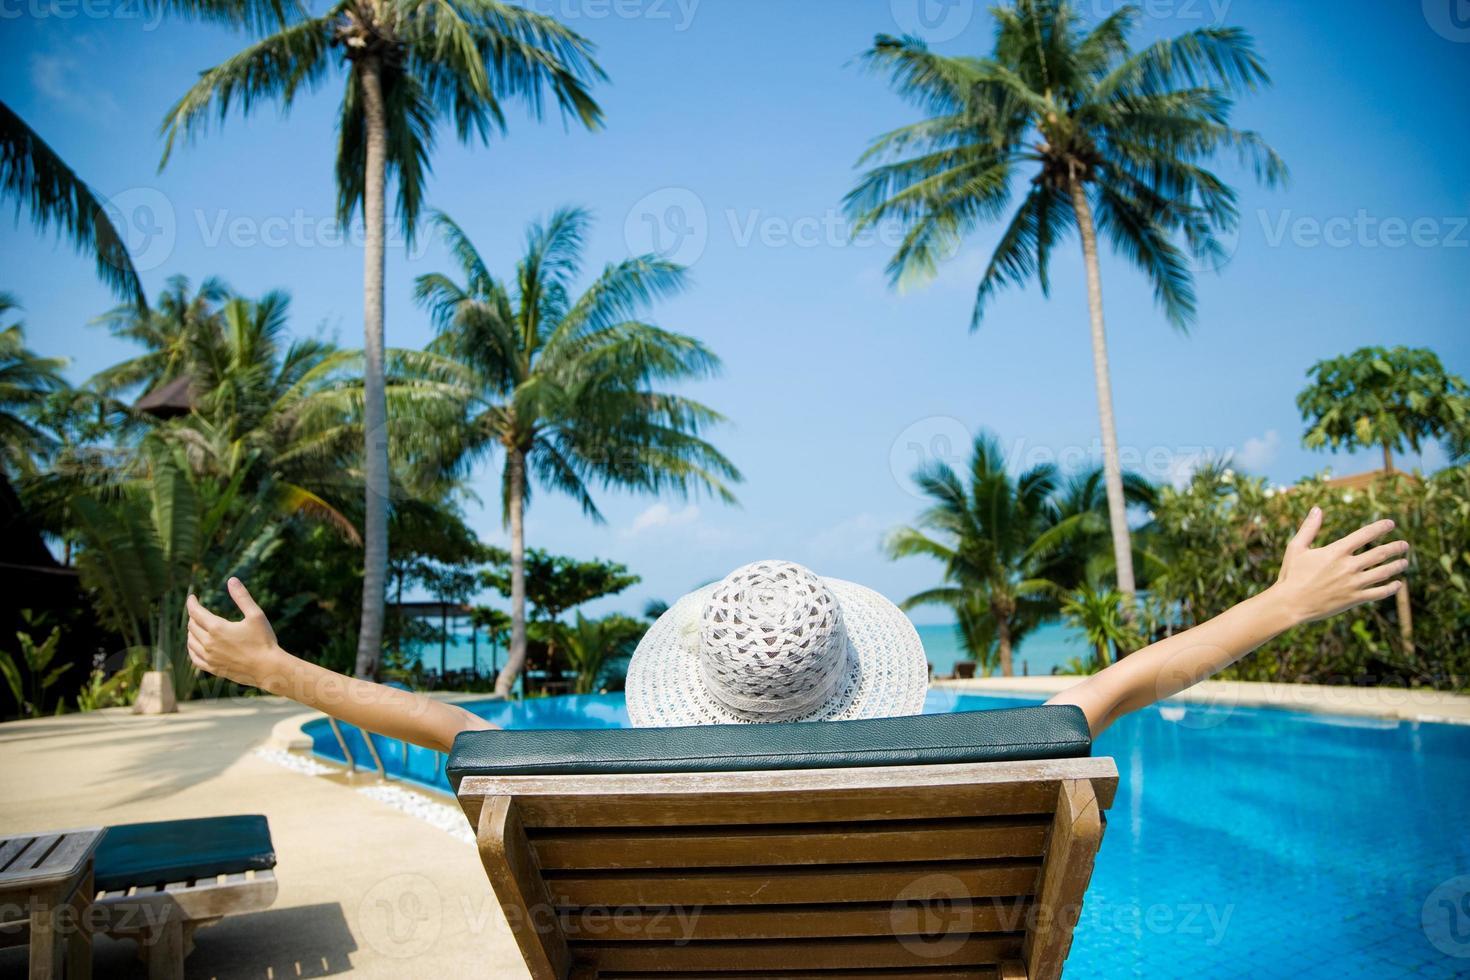 vrouw zonnebaden in strandstoel foto